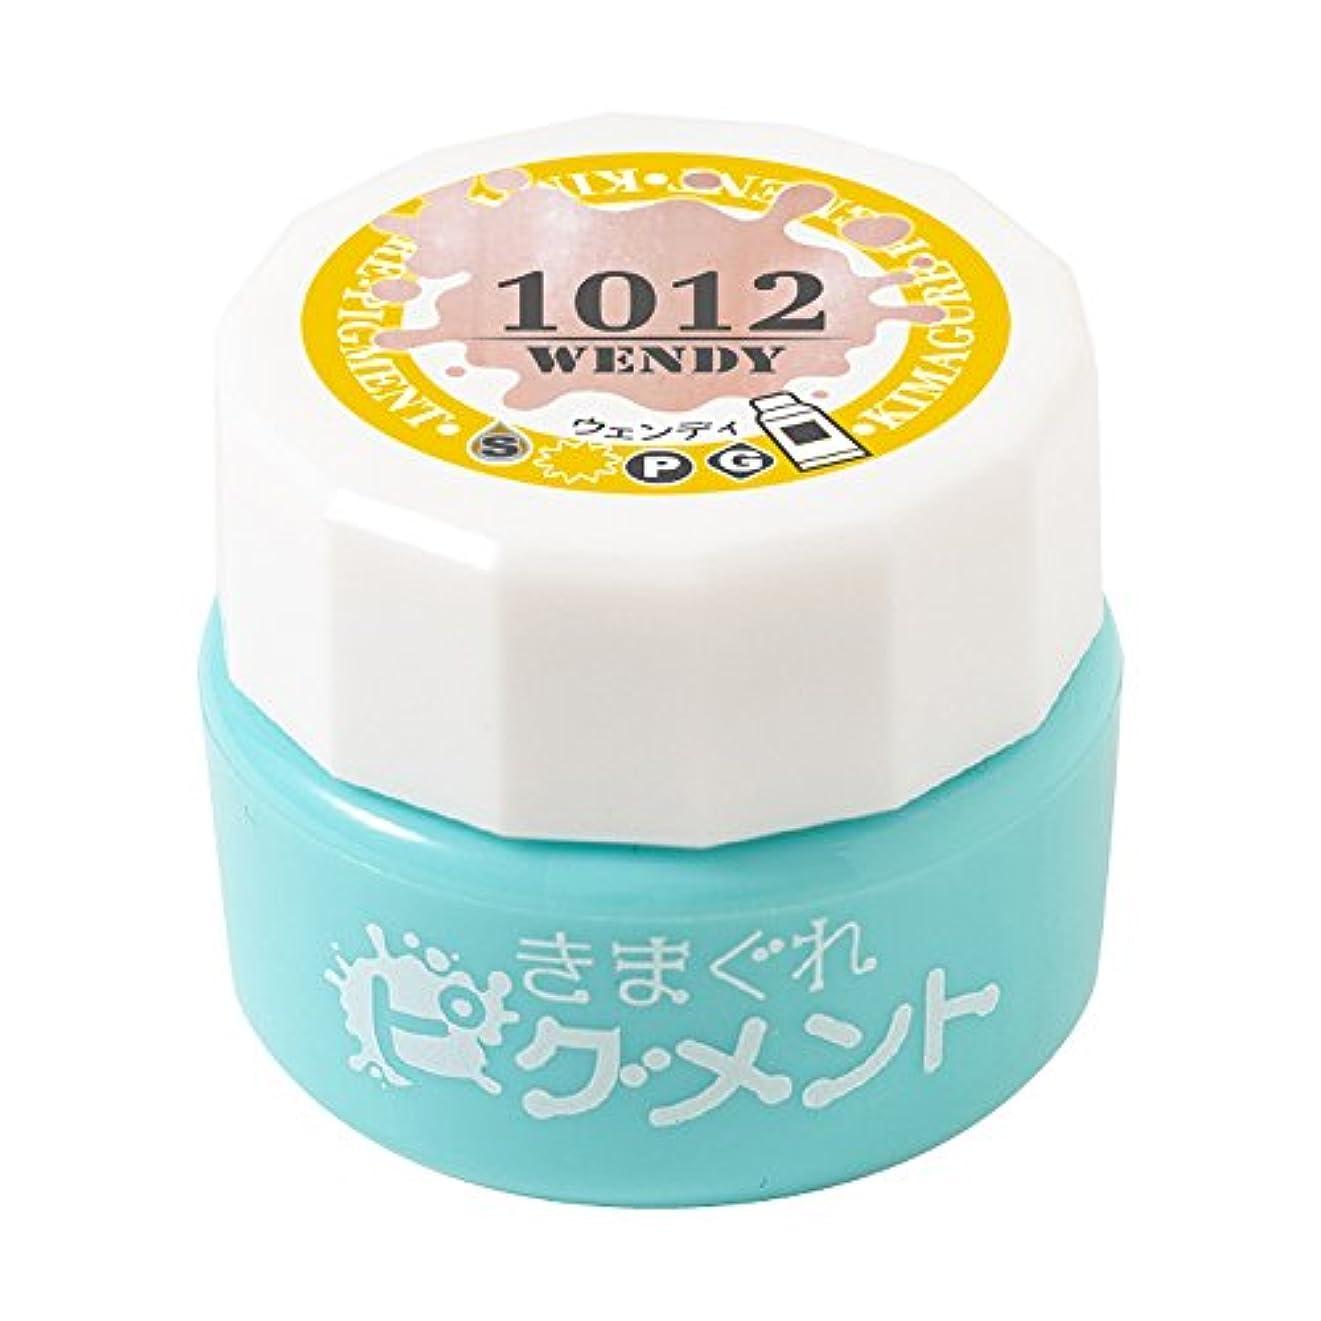 研磨細い記念品Bettygel きまぐれピグメント ウェンディ QYJ-1012 4g UV/LED対応